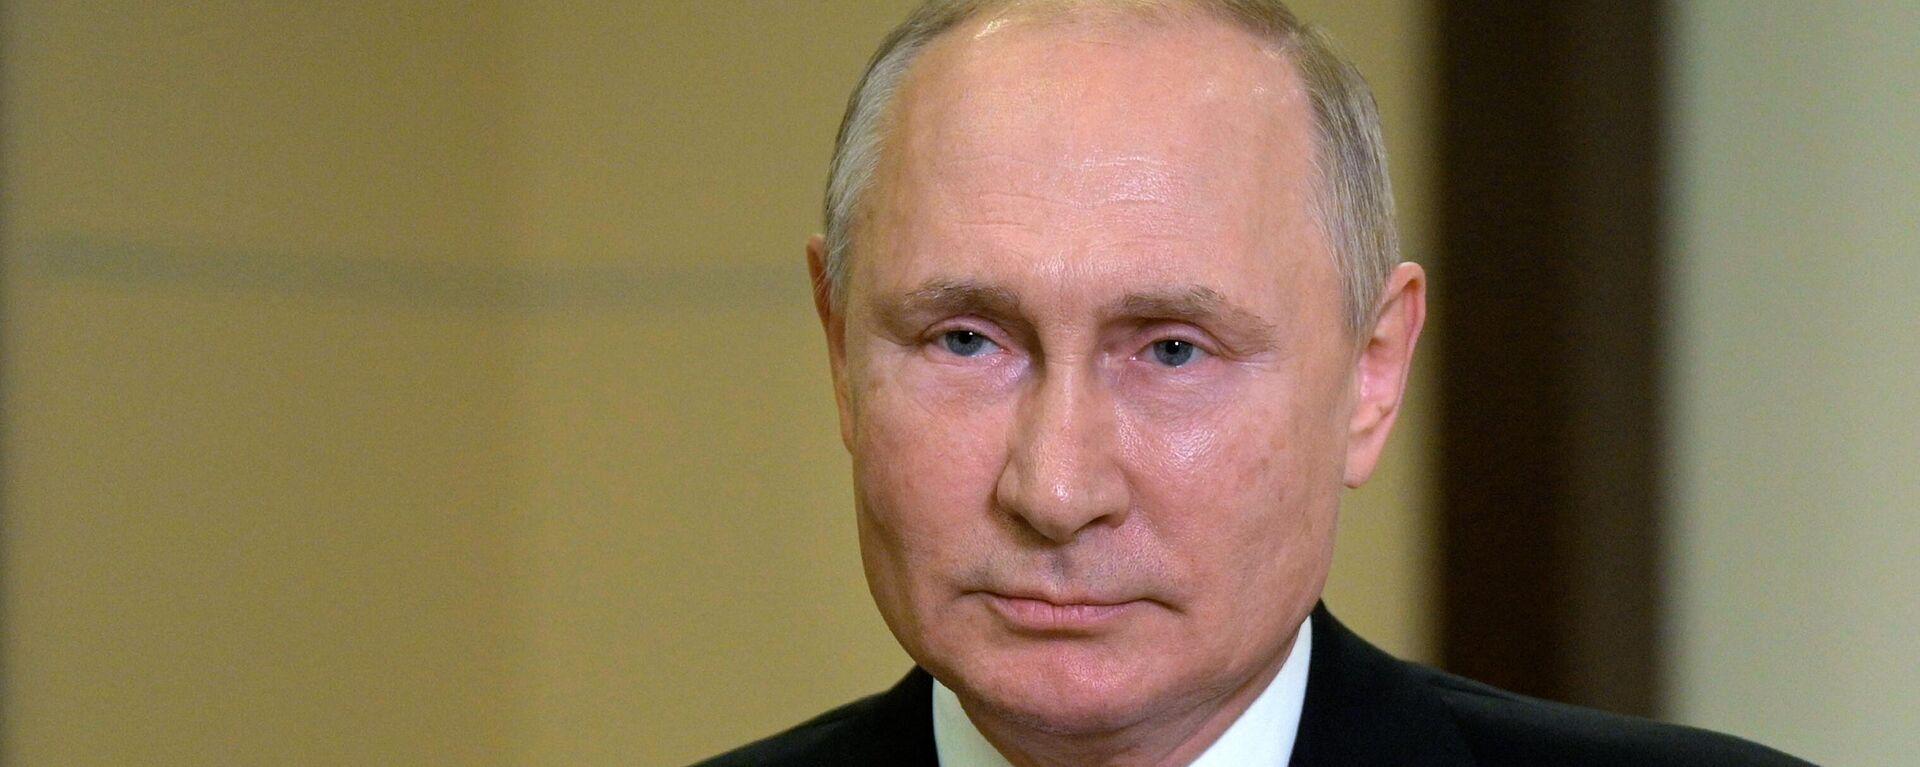 Президент РФ Владимир Путин  - Sputnik Таджикистан, 1920, 11.10.2021